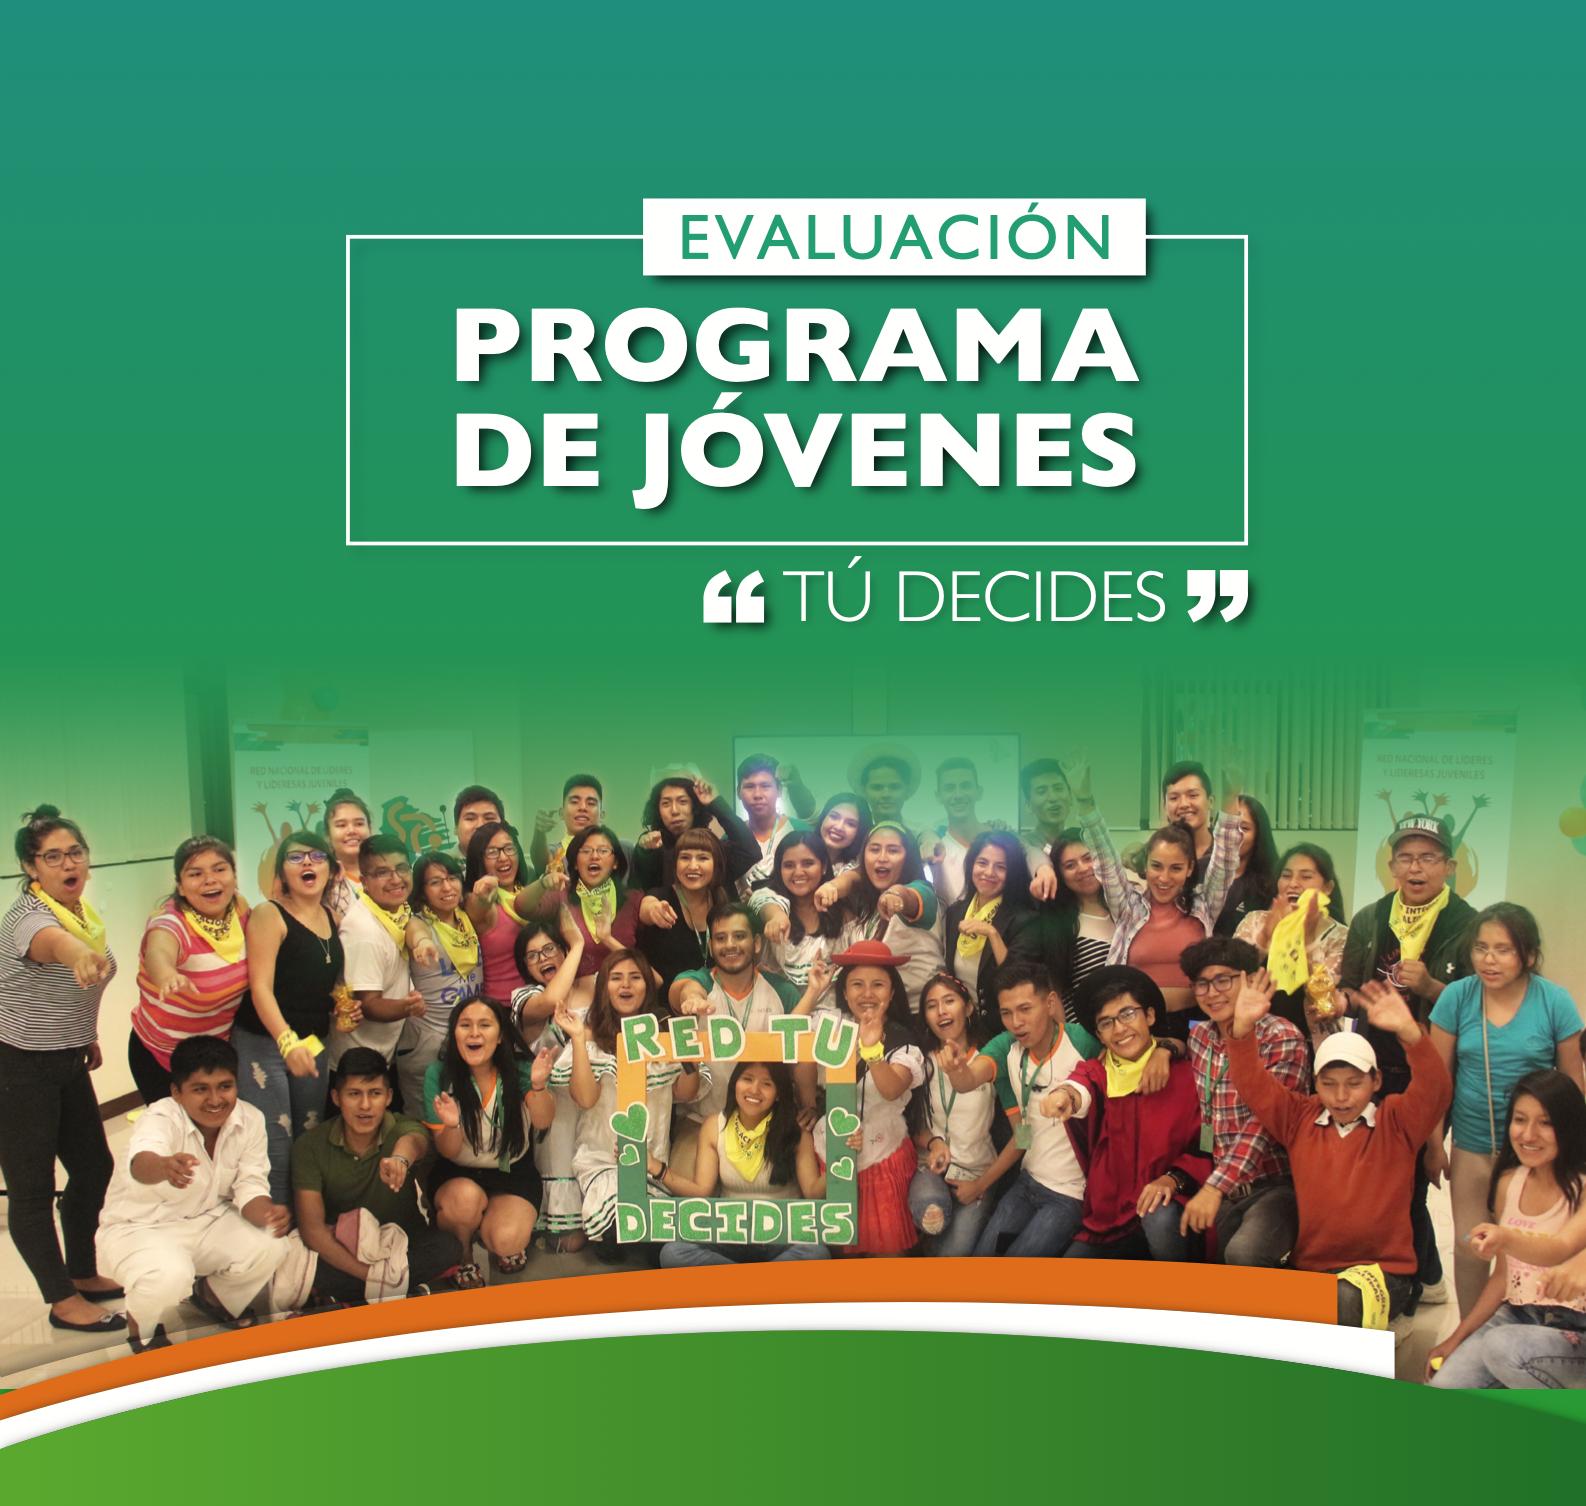 Evaluación Programa de Jóvenes